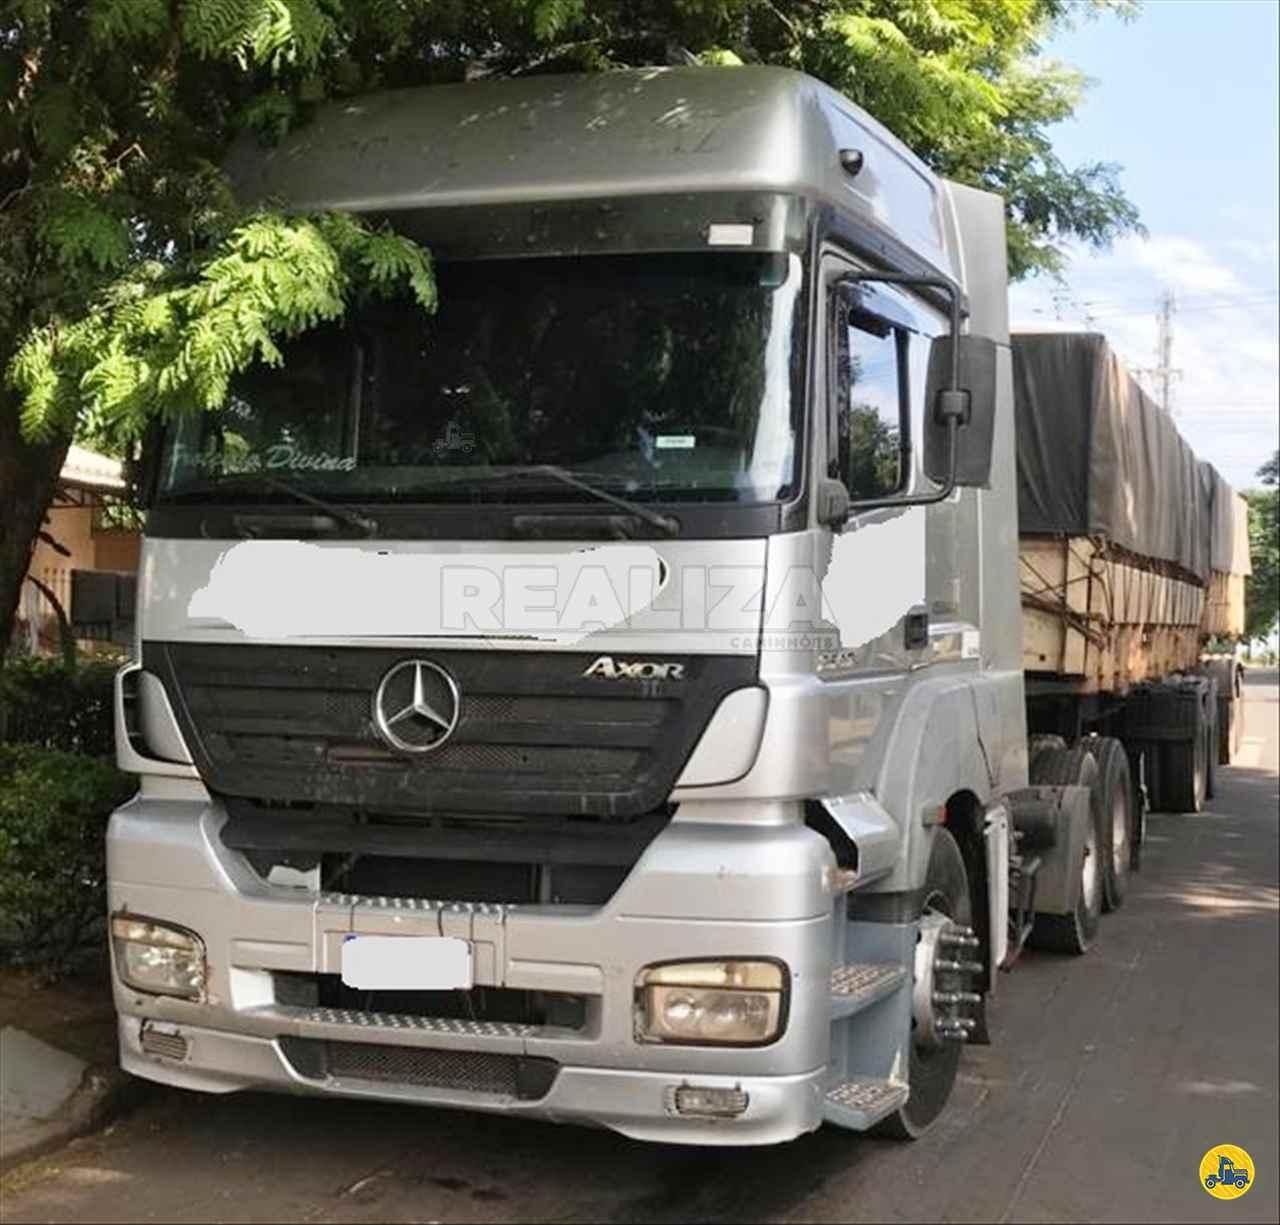 CAMINHAO MERCEDES-BENZ MB 2540 Caçamba Basculante Truck 6x2 Realiza Caminhões - Umuarama UMUARAMA PARANÁ PR